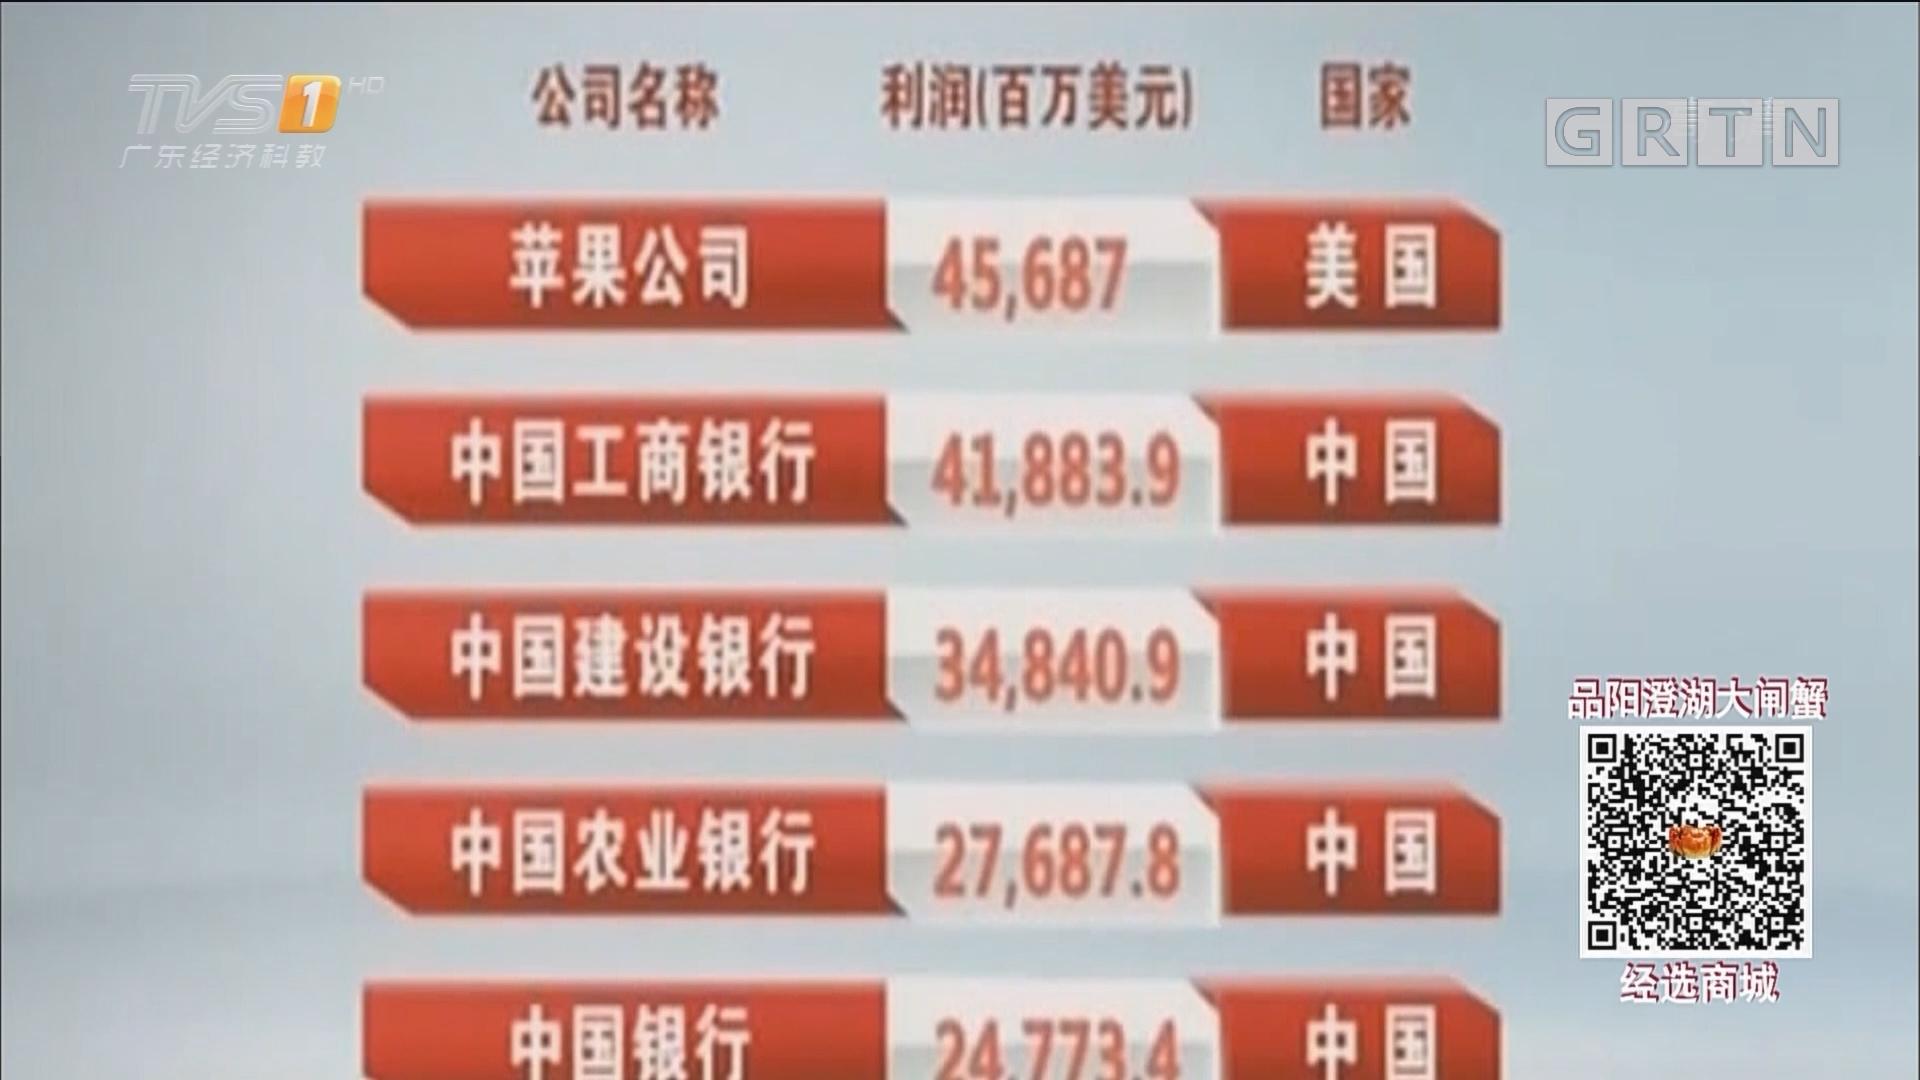 世界500强 中国企业数量占第二